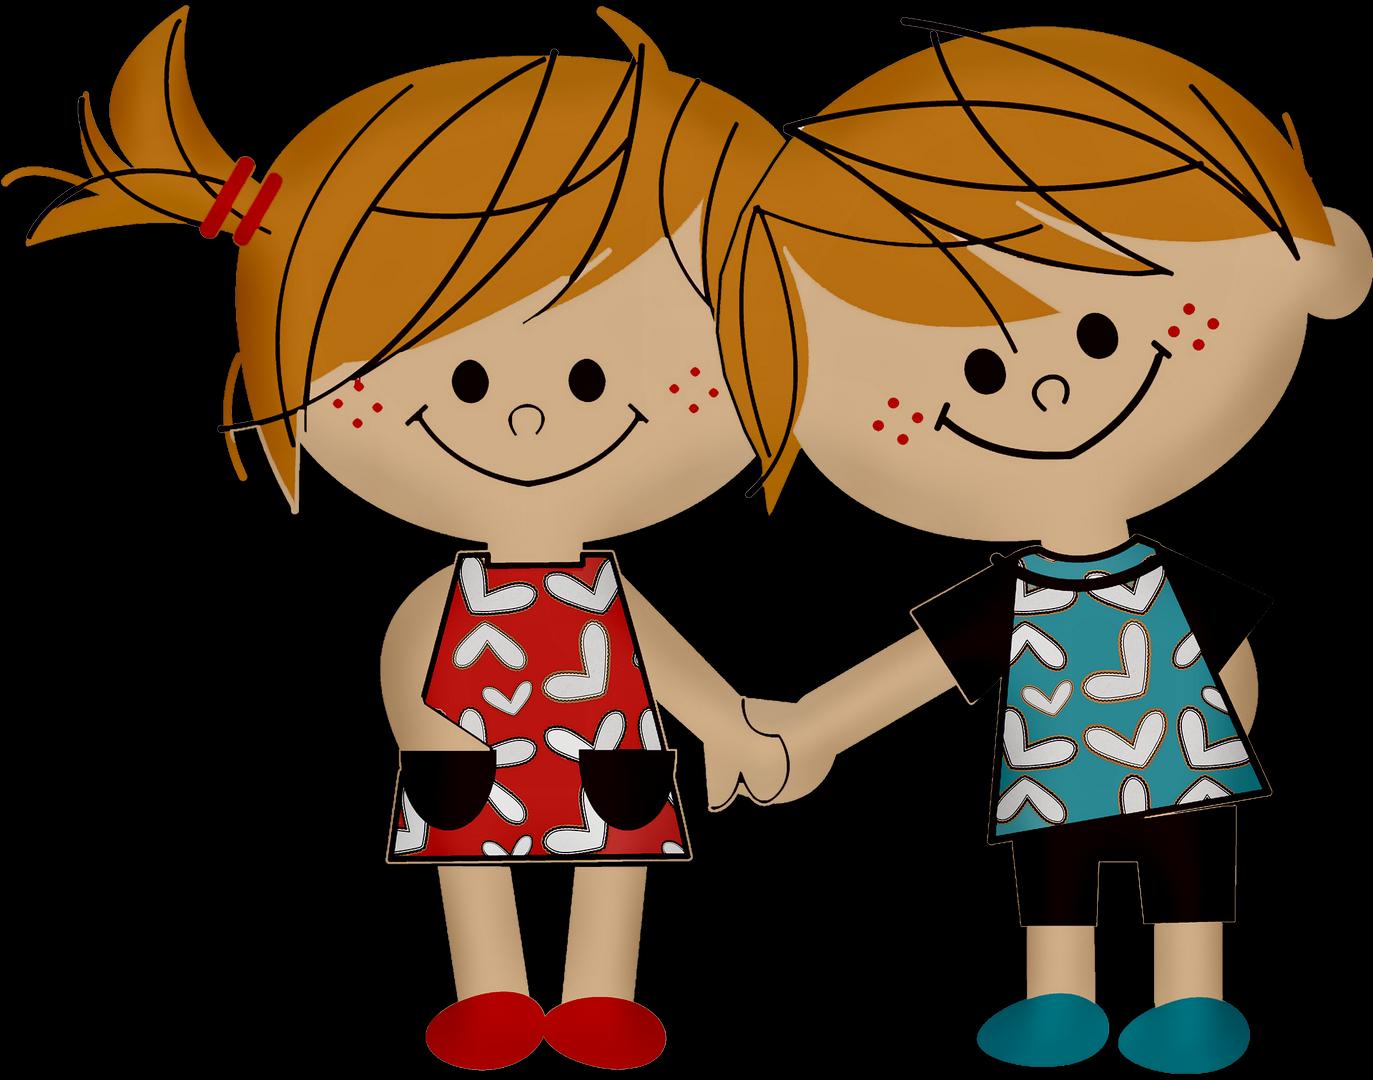 Rodzeństwo bez rywalizacji -warsztat dla rodziców